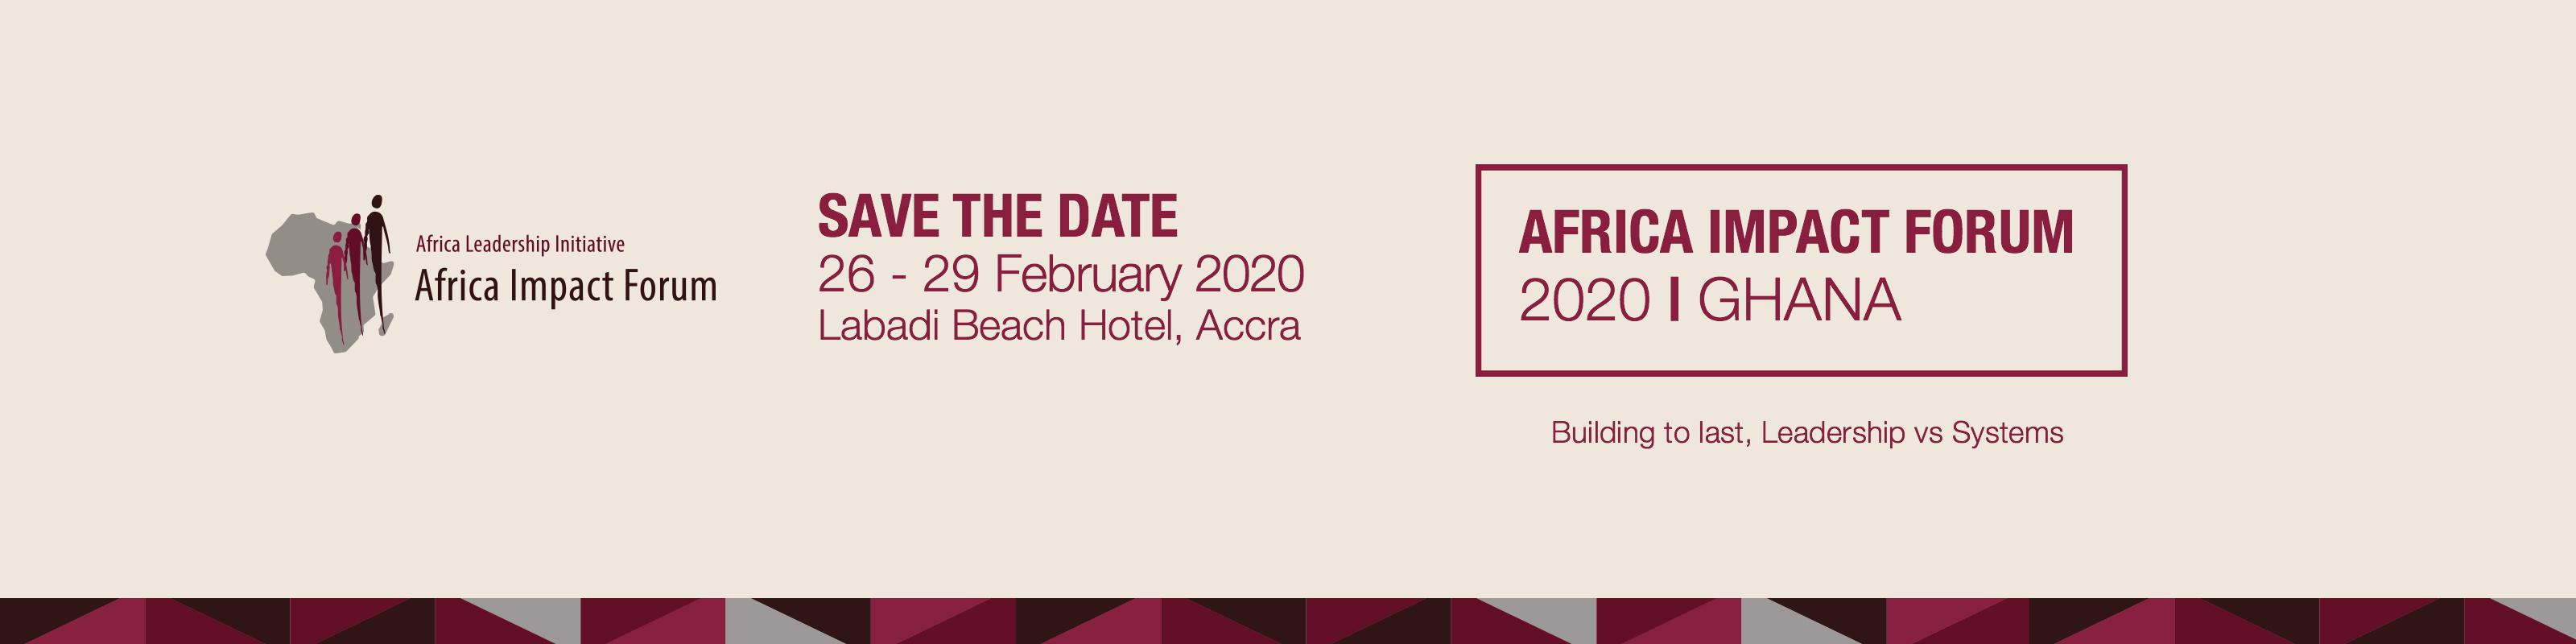 Unbundling Eskom: What difference will it make? - Africa